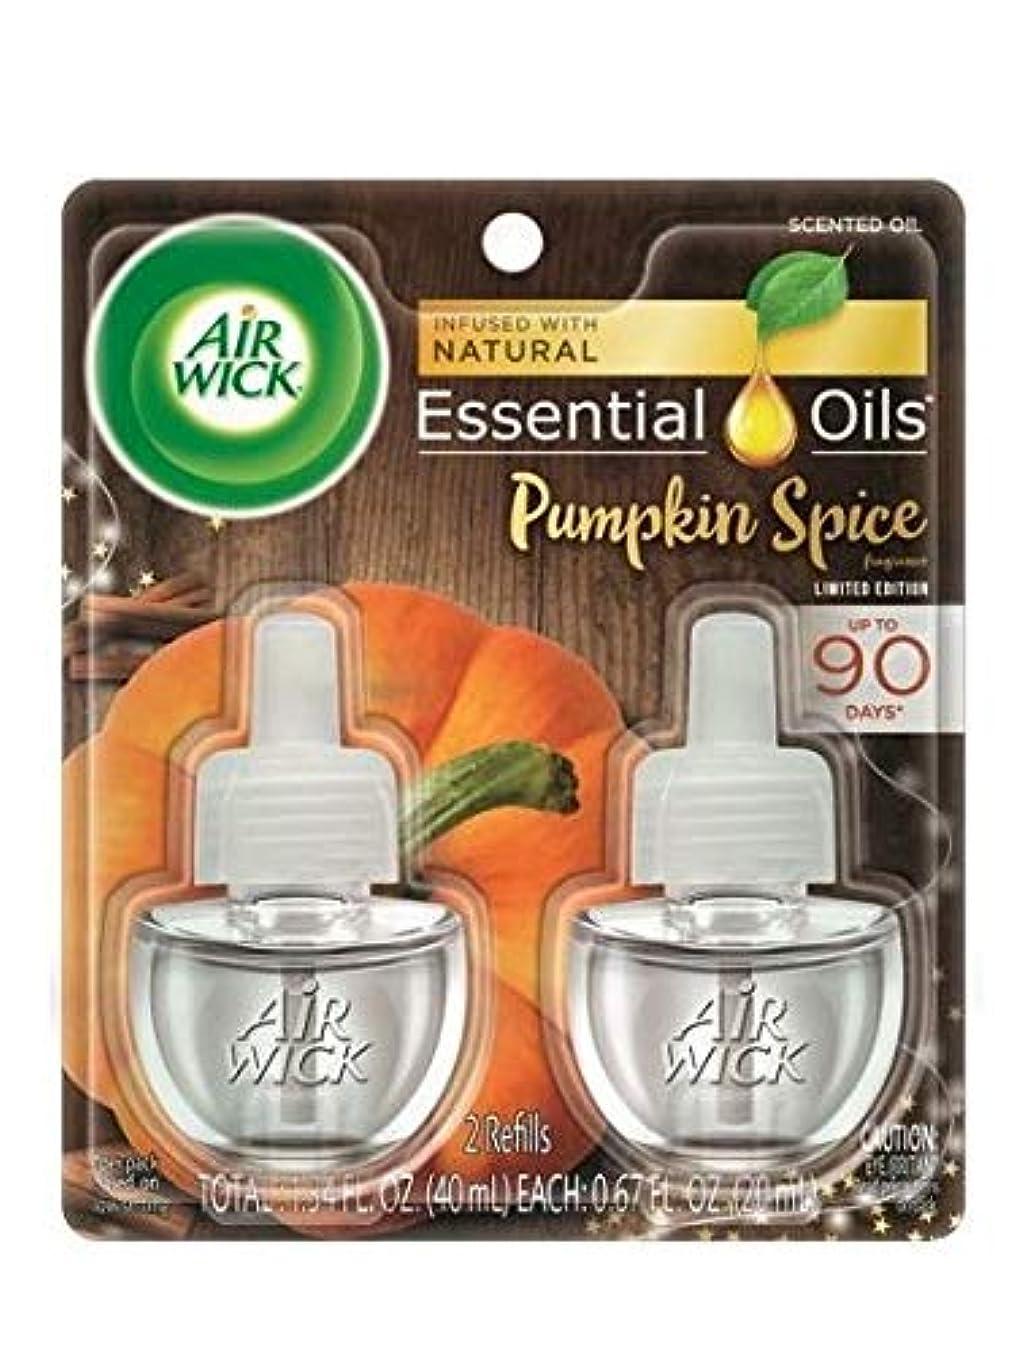 突然屋内で免疫する【Air Wick/エアーウィック】 プラグインオイル詰替えリフィル(2個入り) パンプキンスパイス Air Wick Scented Oil Twin Refill Pumpkin Spice (2X.67) Oz. [並行輸入品]